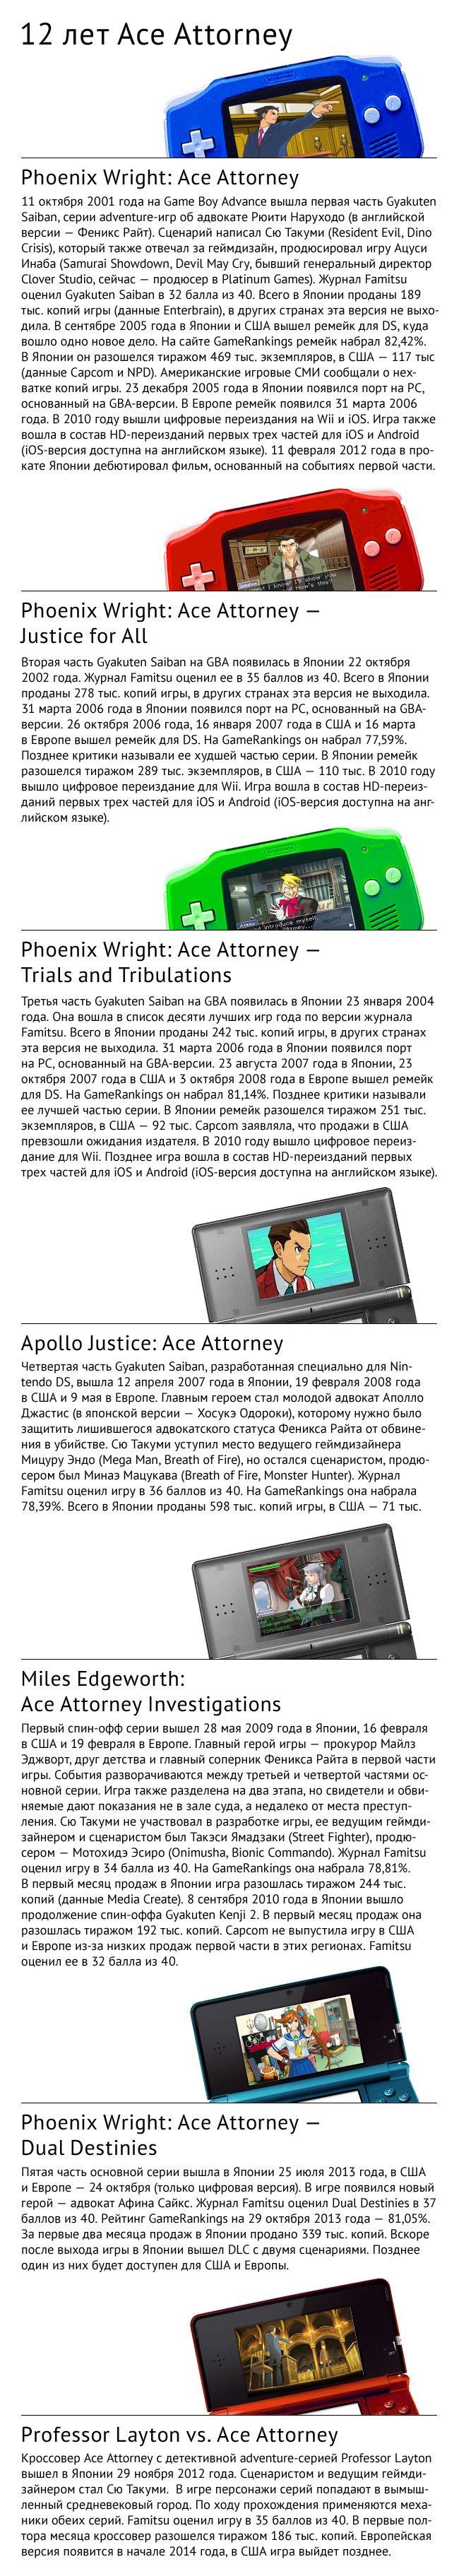 Рецензия на Phoenix Wright: Ace Attorney - Dual Destinies - Изображение 6